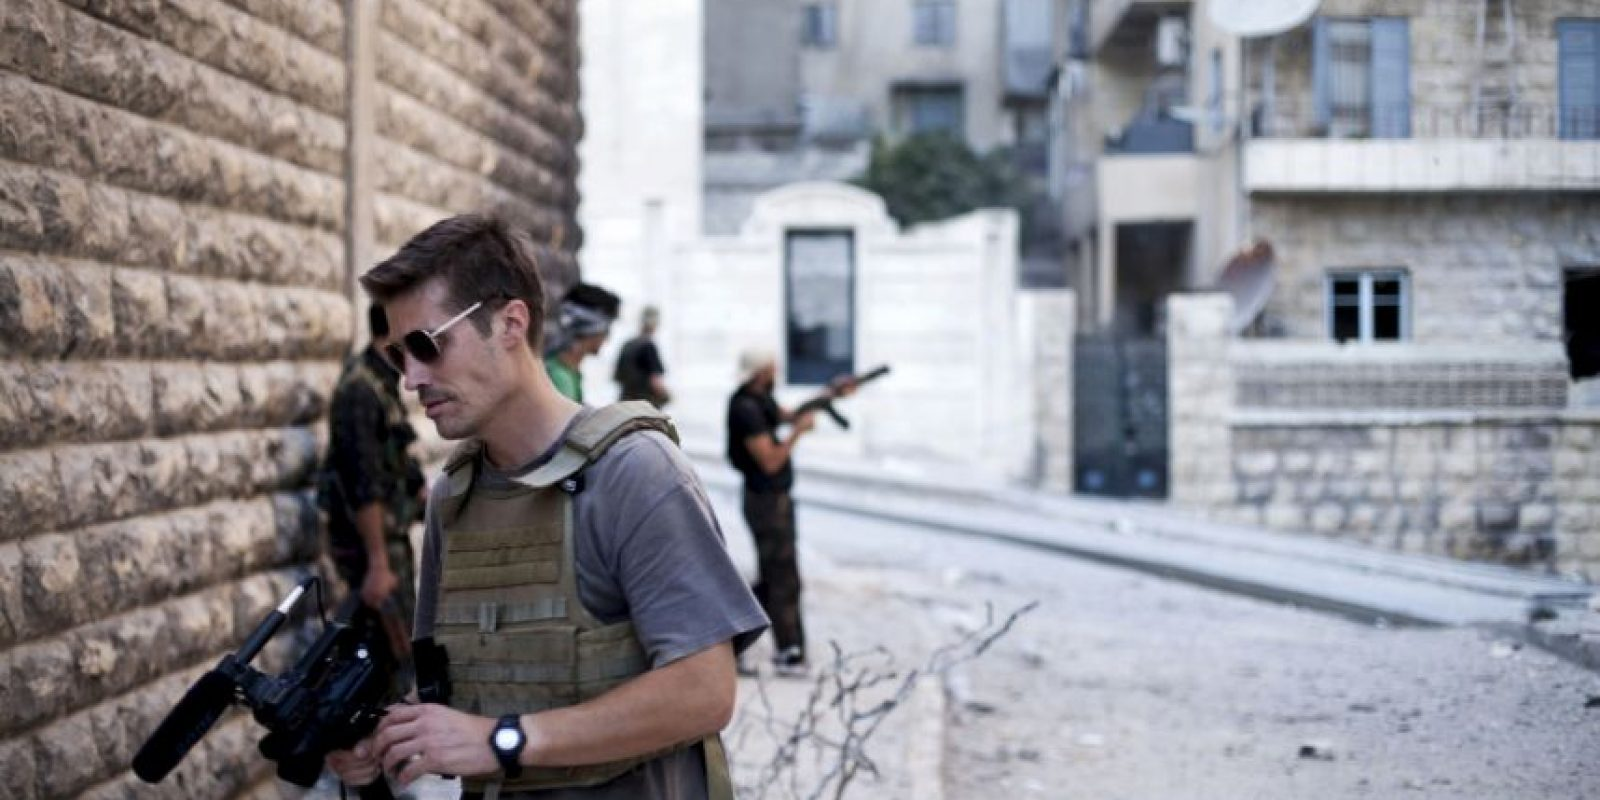 El periodista James Foley, quien fue decapitado por ISIS. Foto:AP